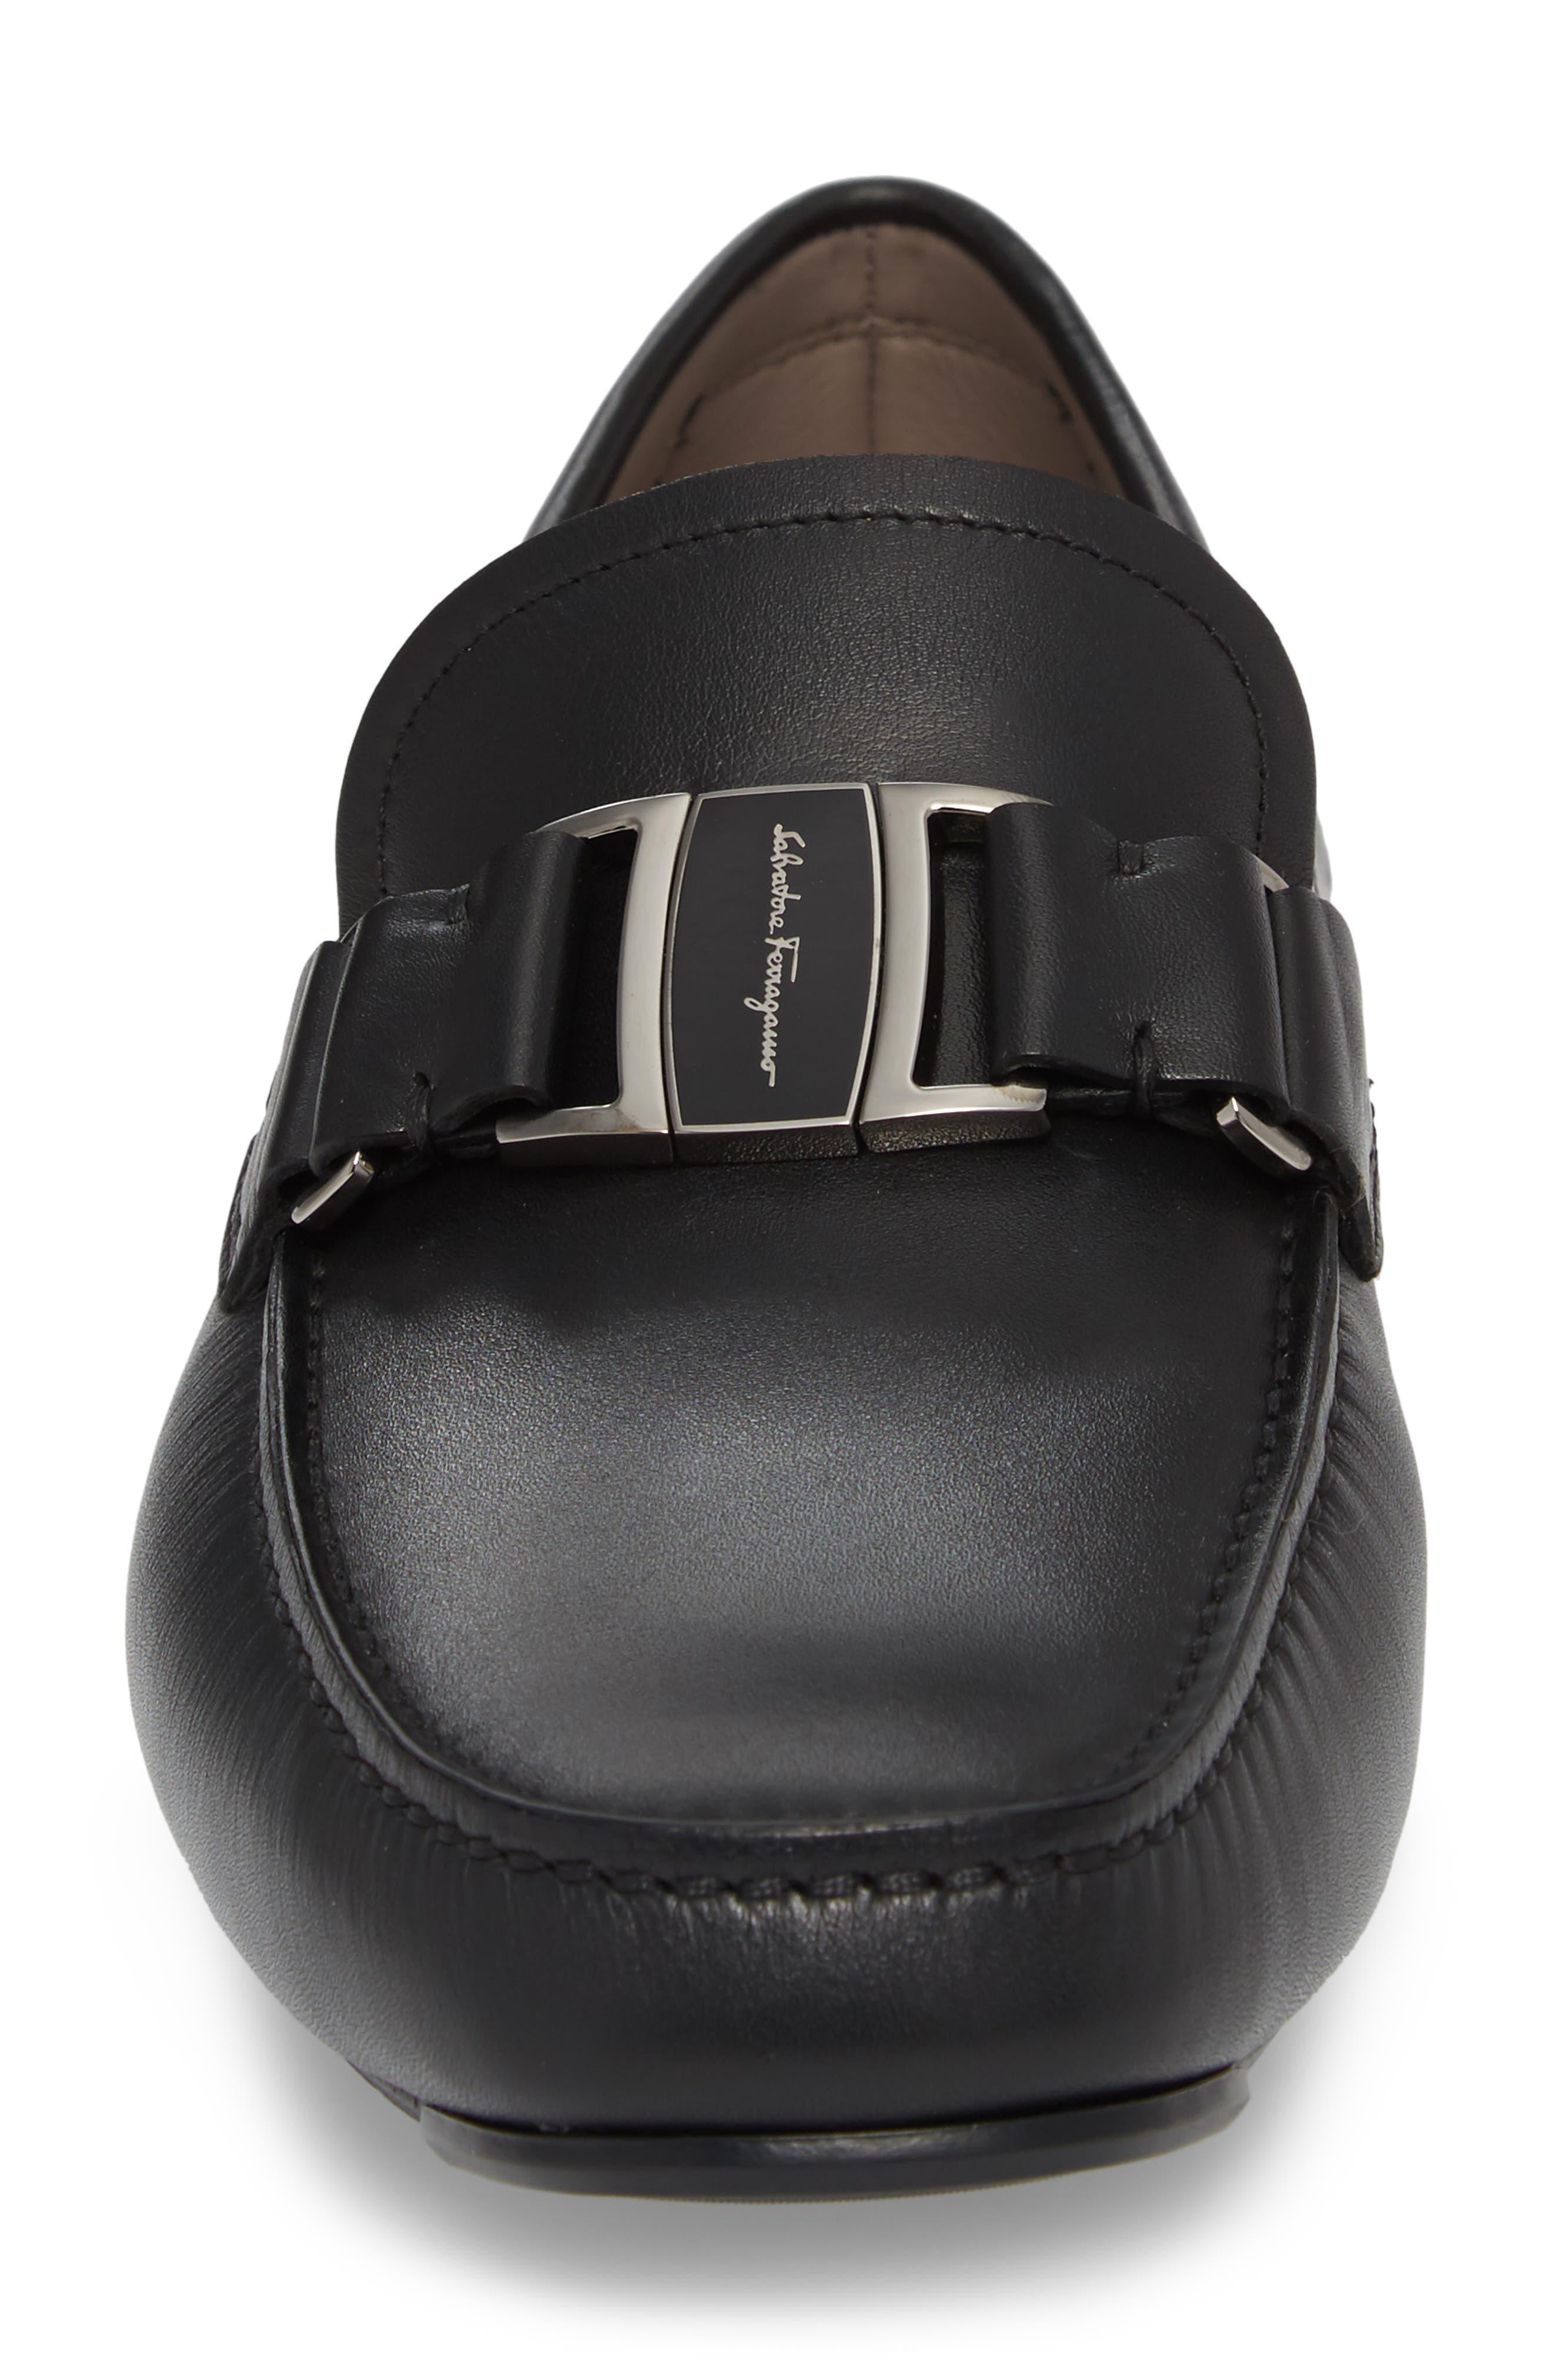 Sardegna Driving Shoe,                             Alternate thumbnail 4, color,                             BLACK LEATHER